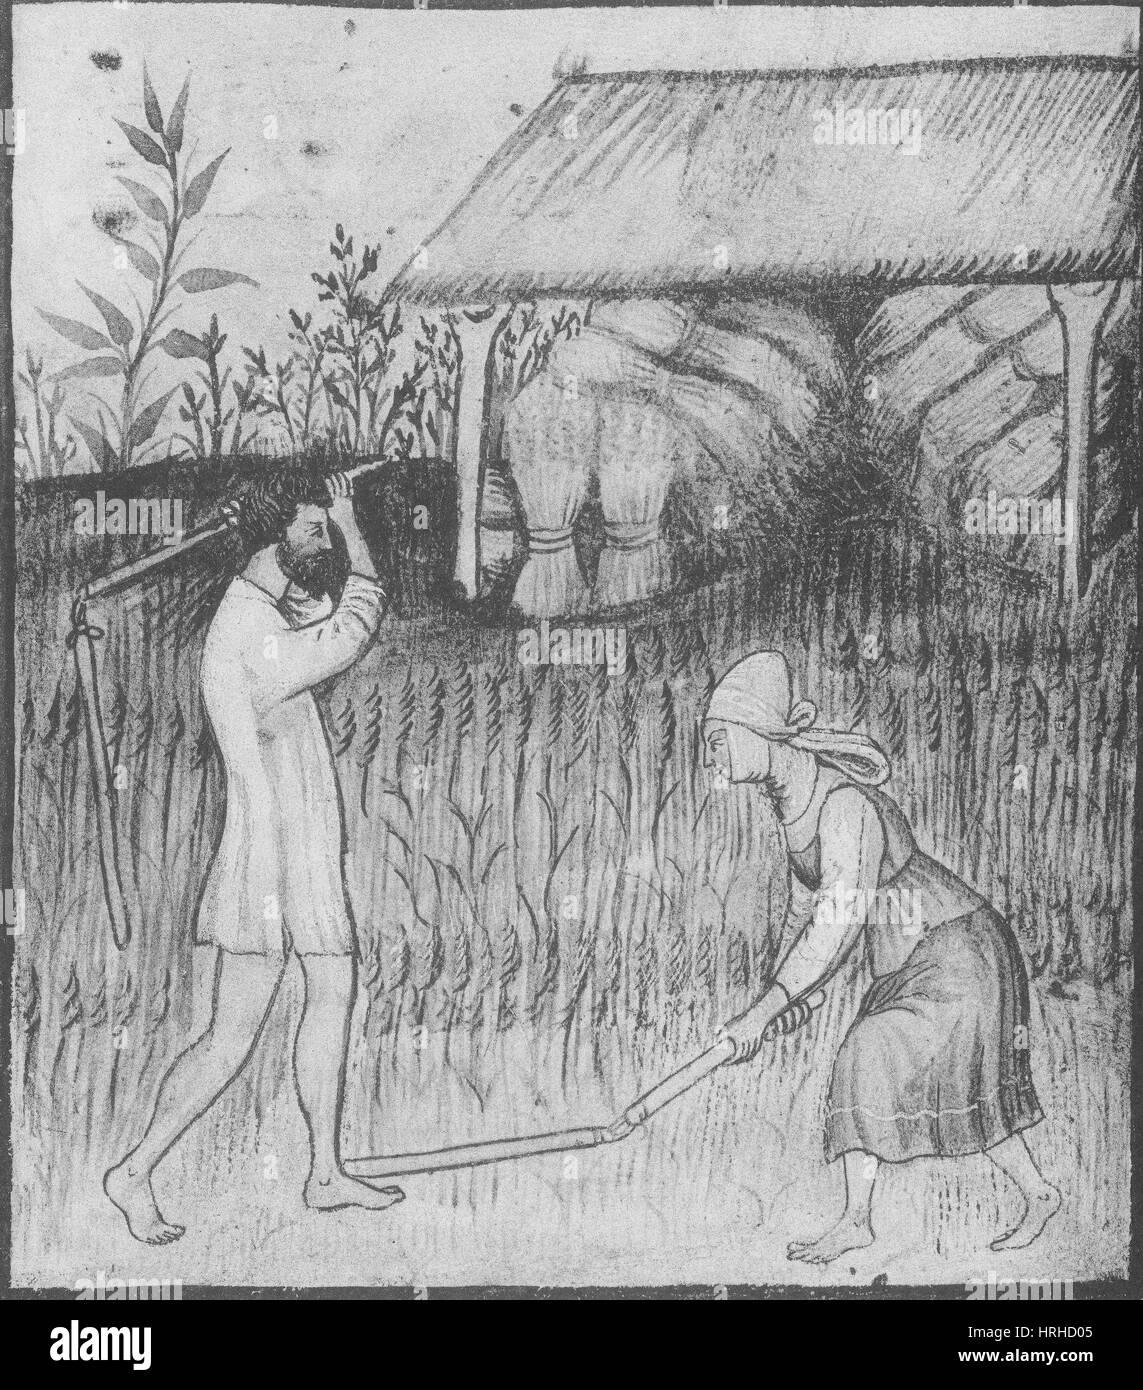 Landwirtschaft, mittelalterliche Landwirtschaft Stockbild